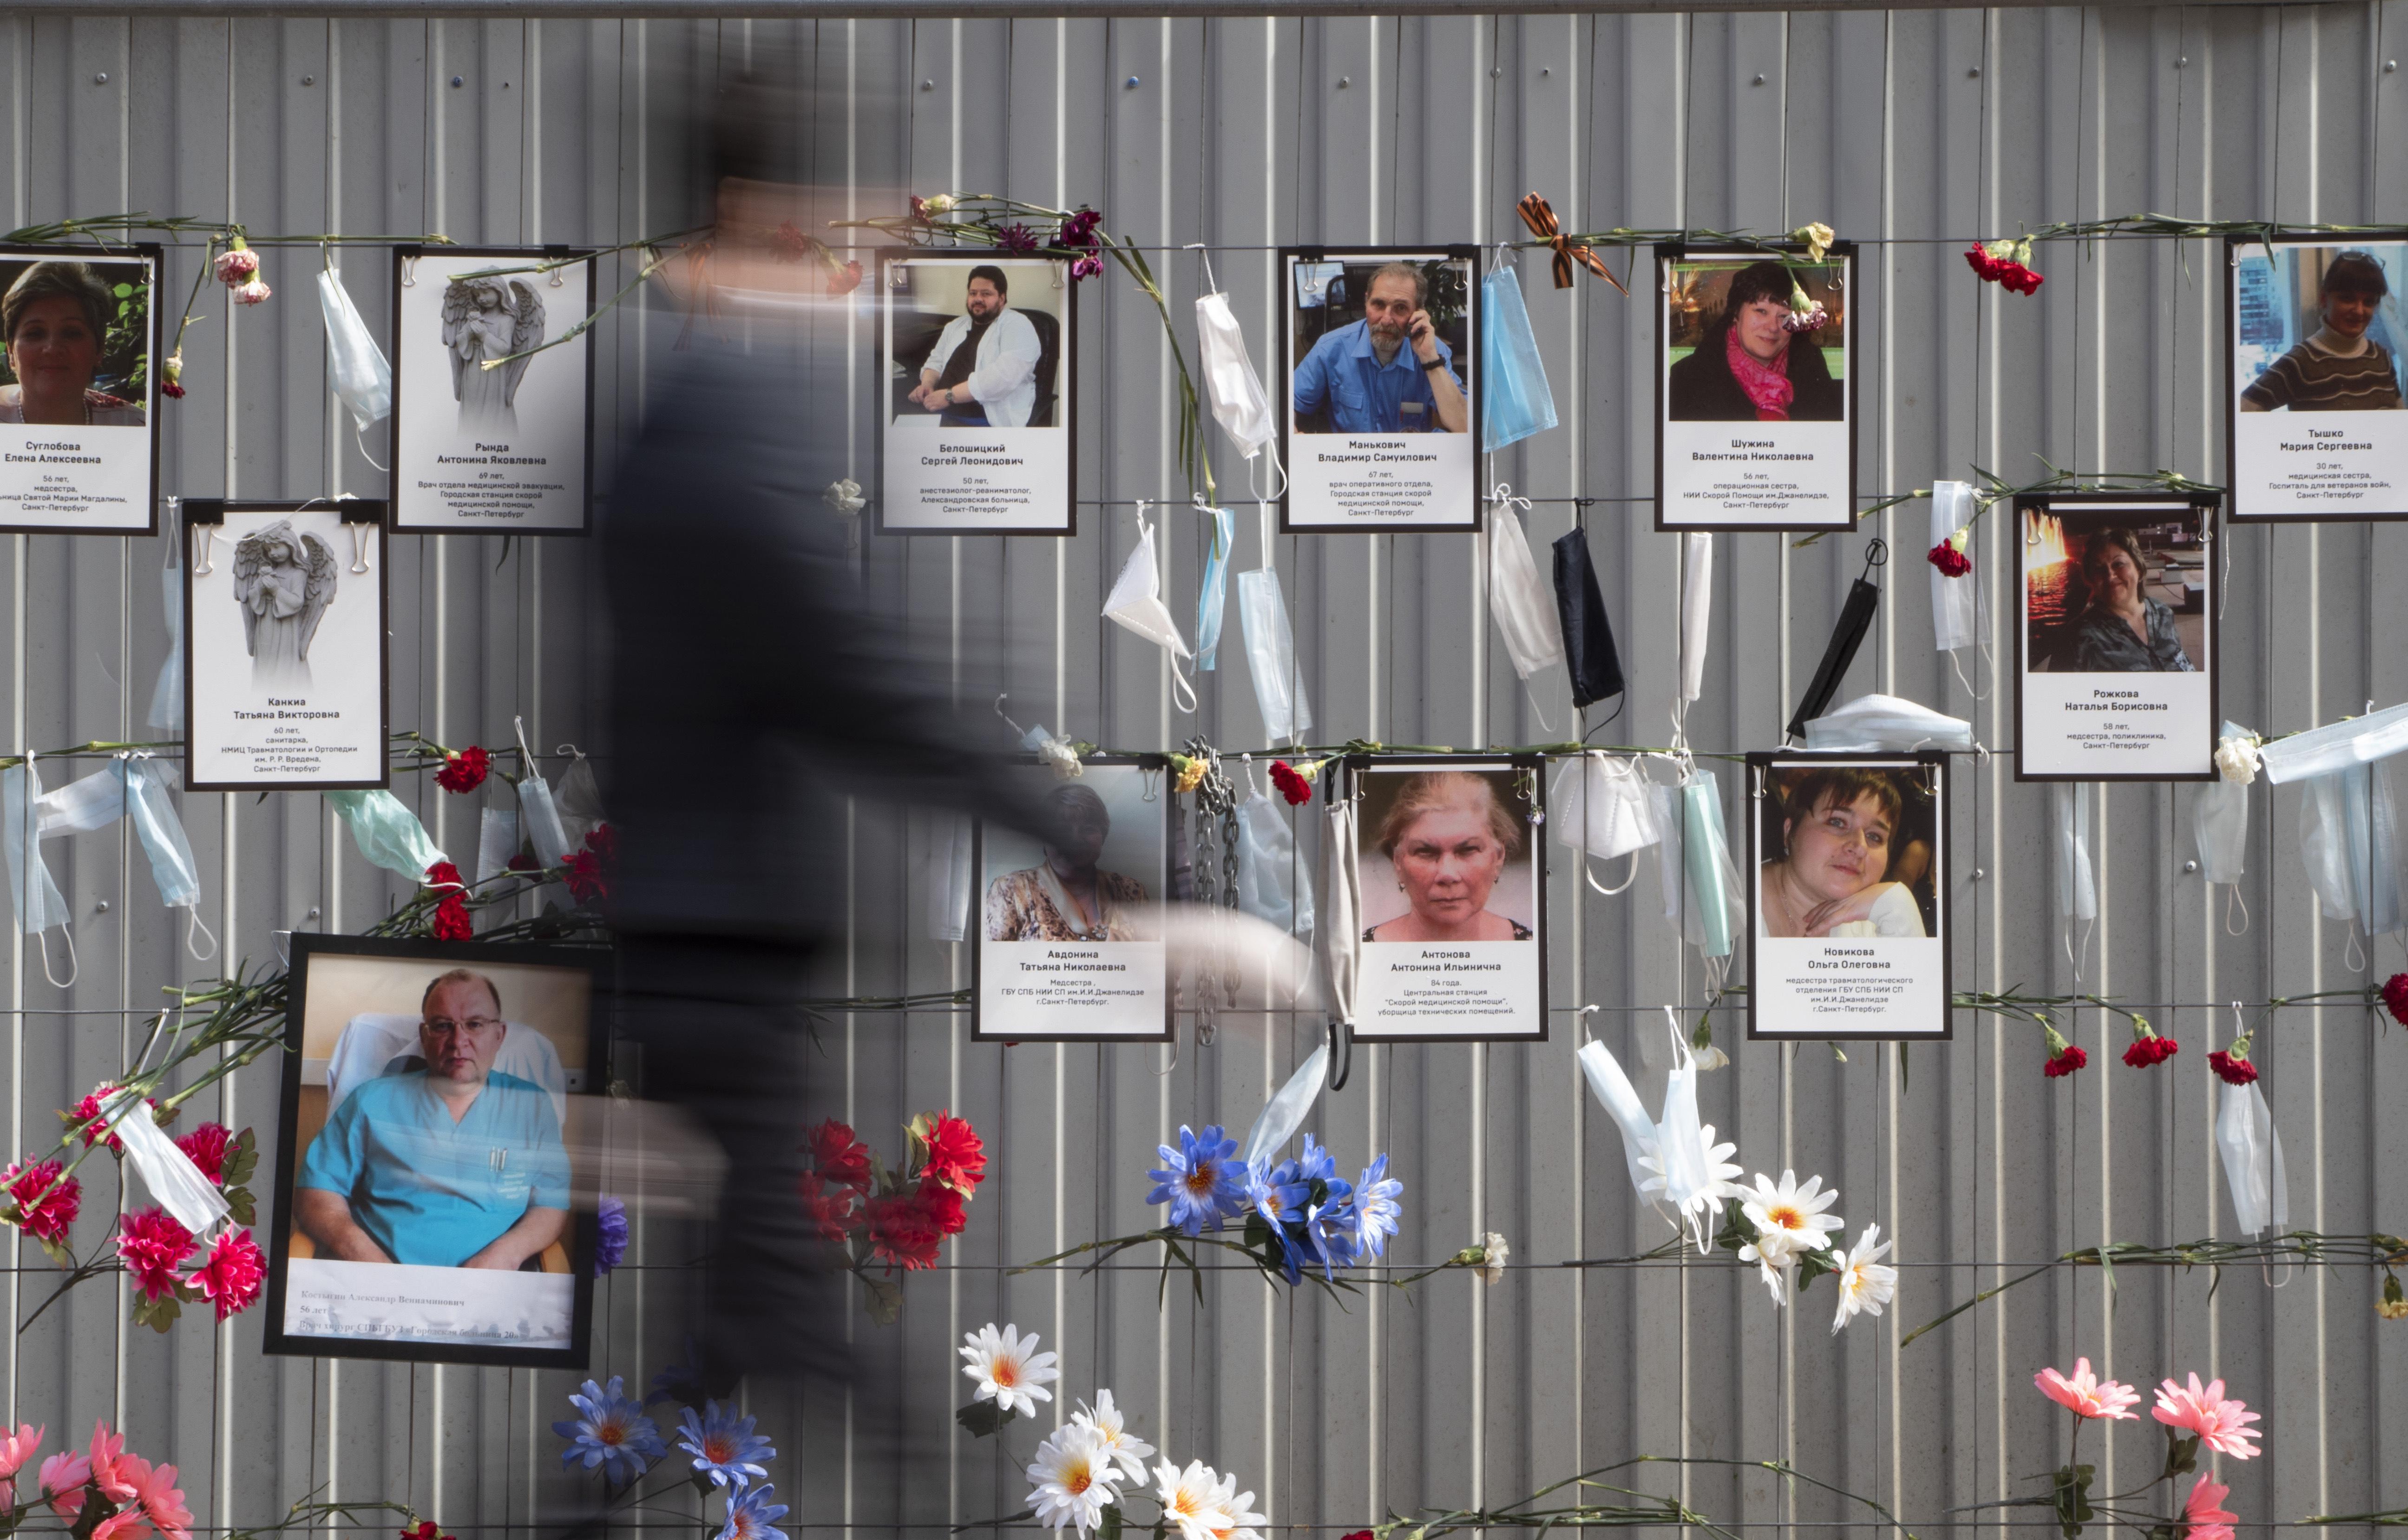 俄羅斯累計確診新冠肺炎病例高居全球第二,聖彼得堡民眾懸掛口罩,紀念病逝的前線醫護人員。(美聯社)